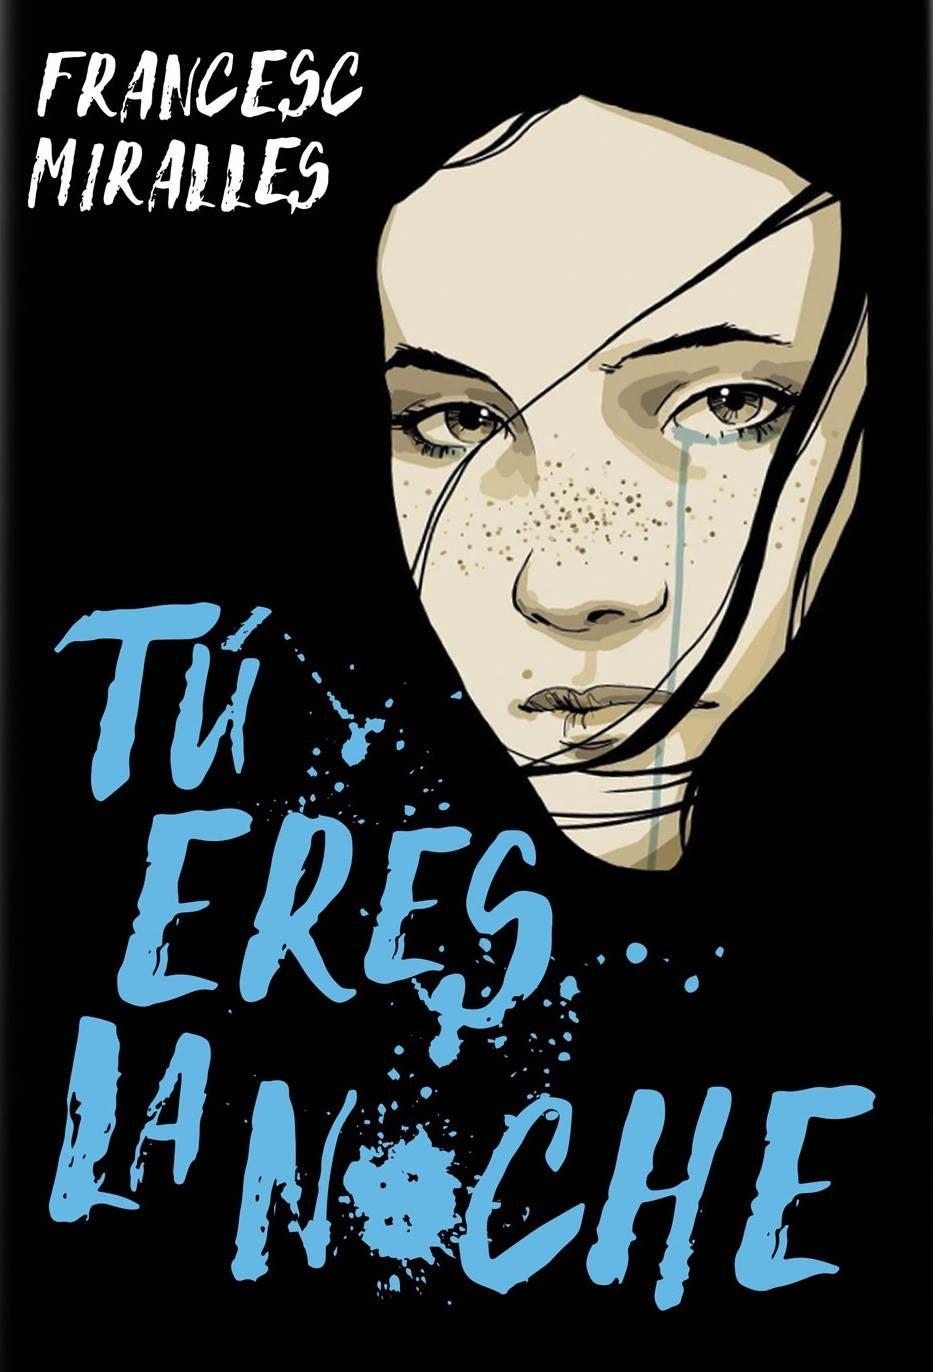 Tú eres la noche - Francesc Mirales